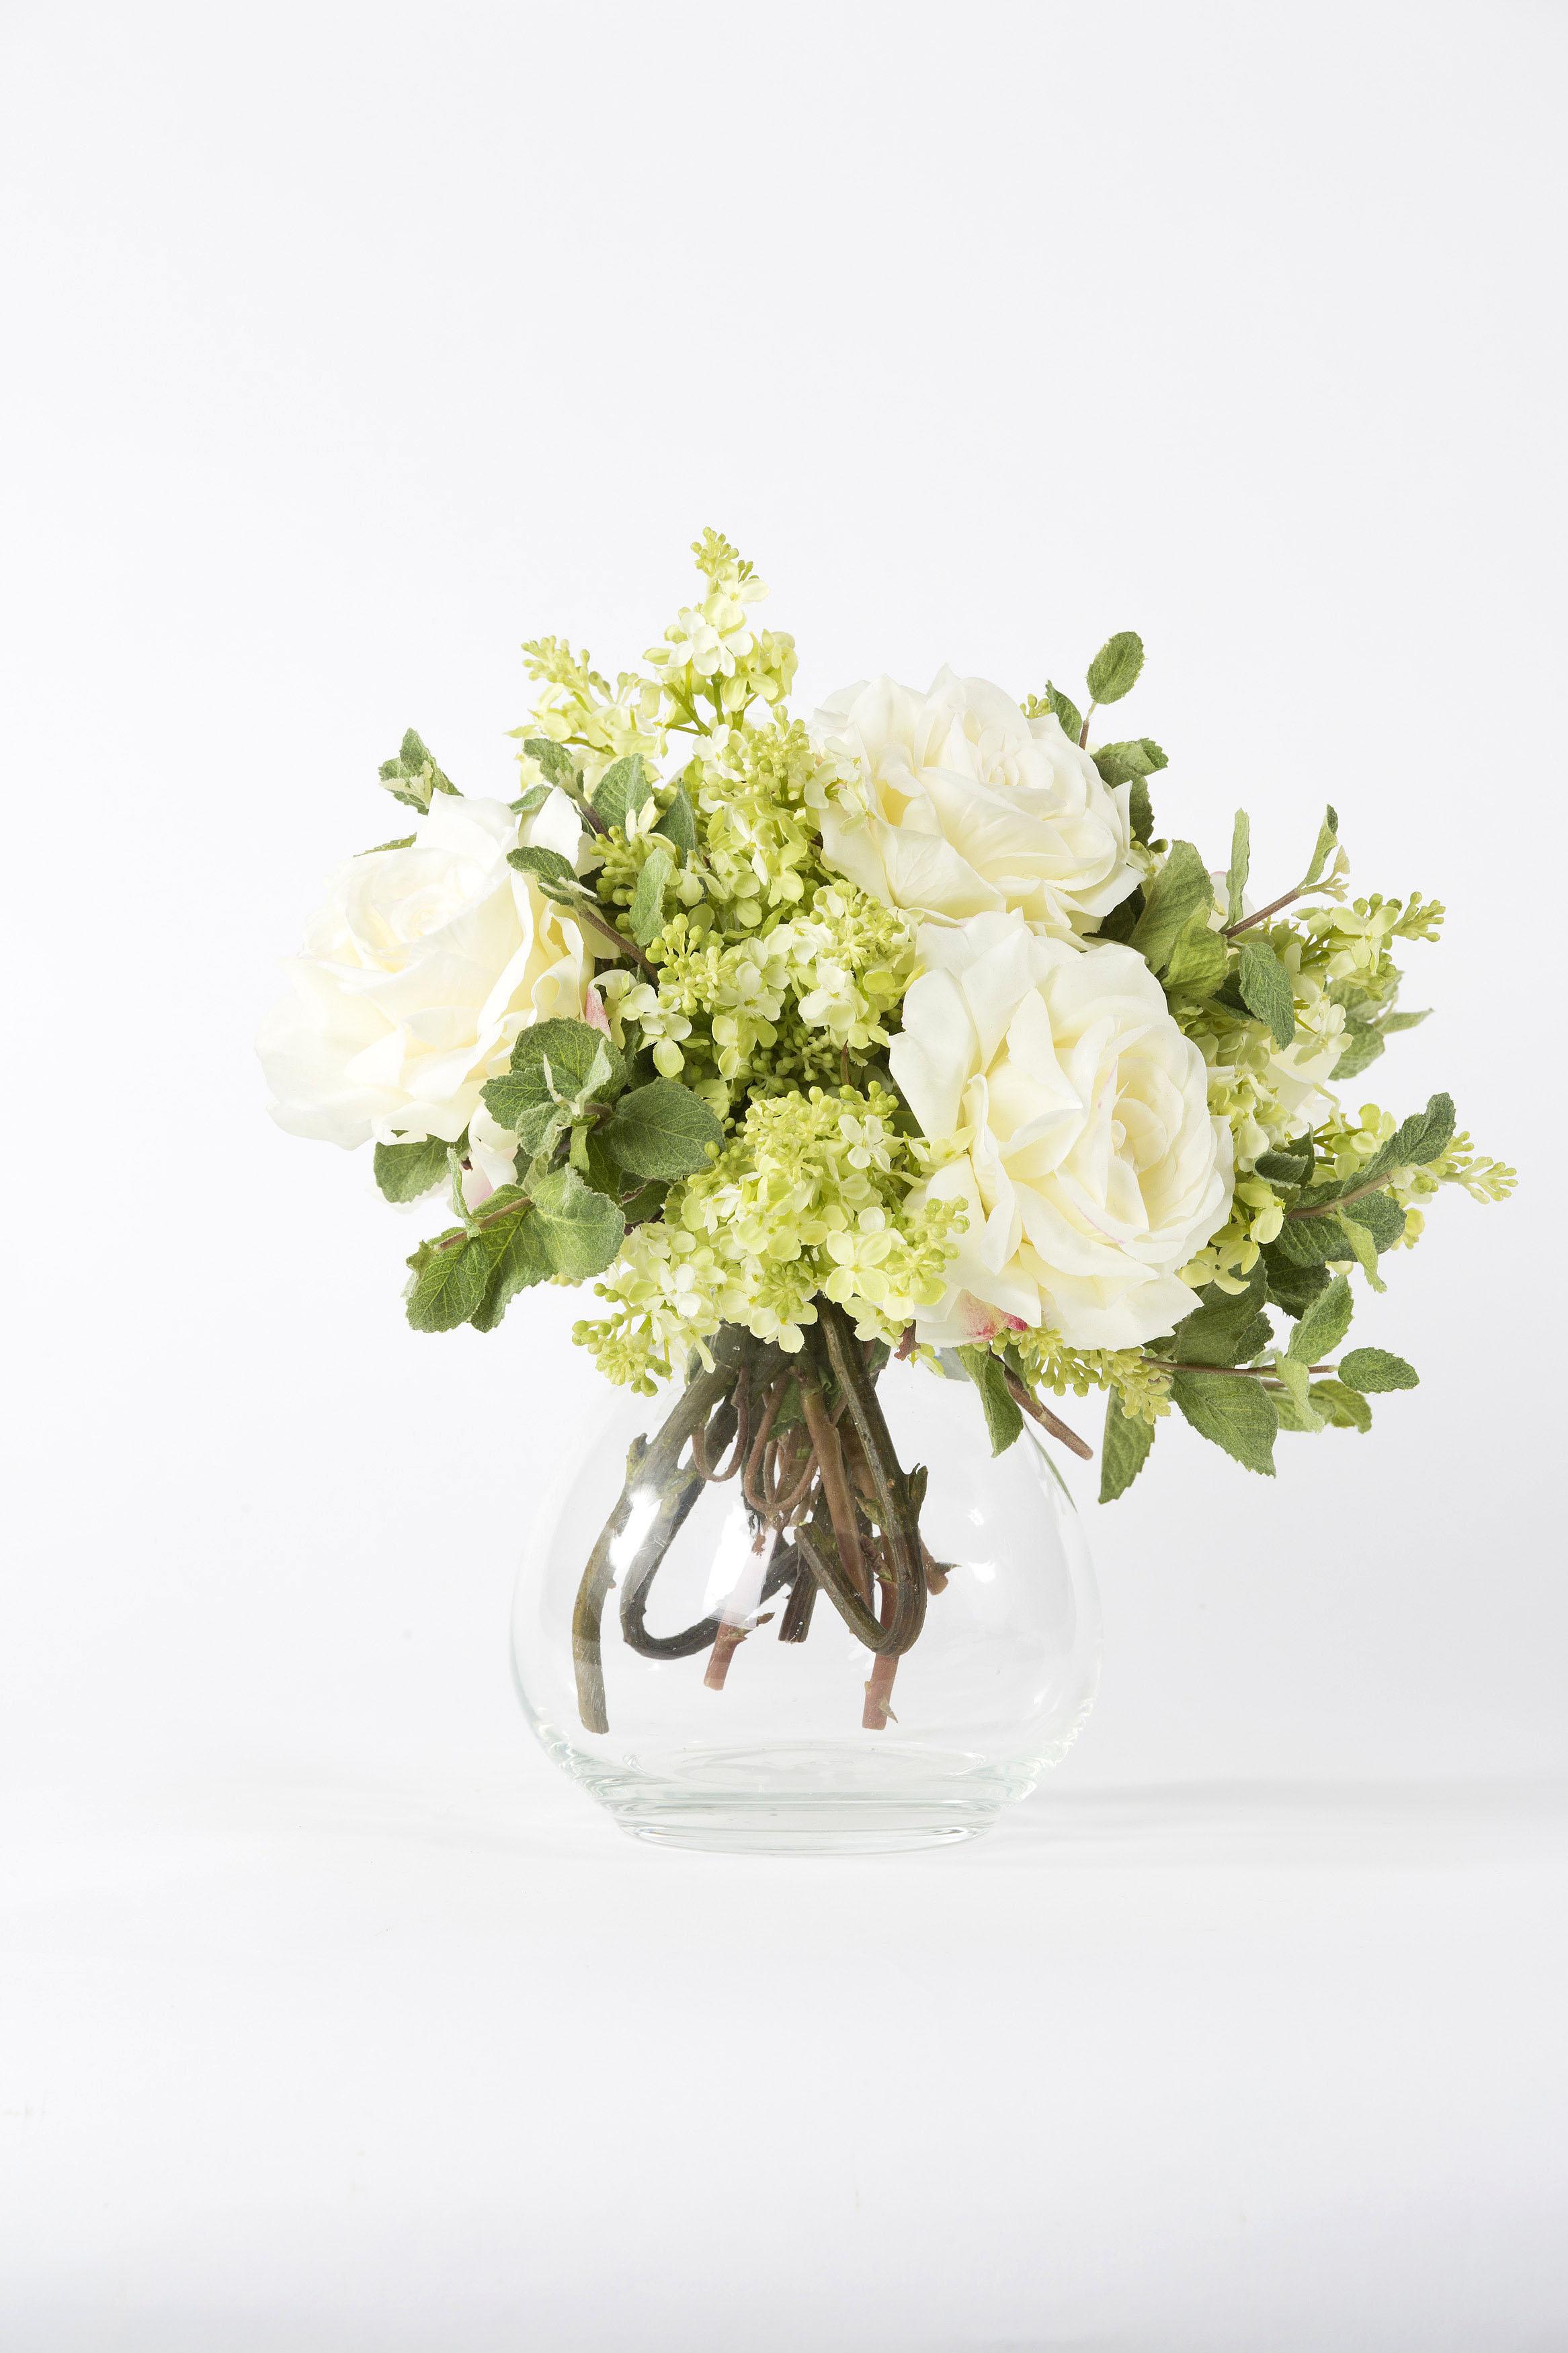 Cream Roses Lilac Mint Artificial Flower Arrangement Glass Vase Shop Lifelike Flowers